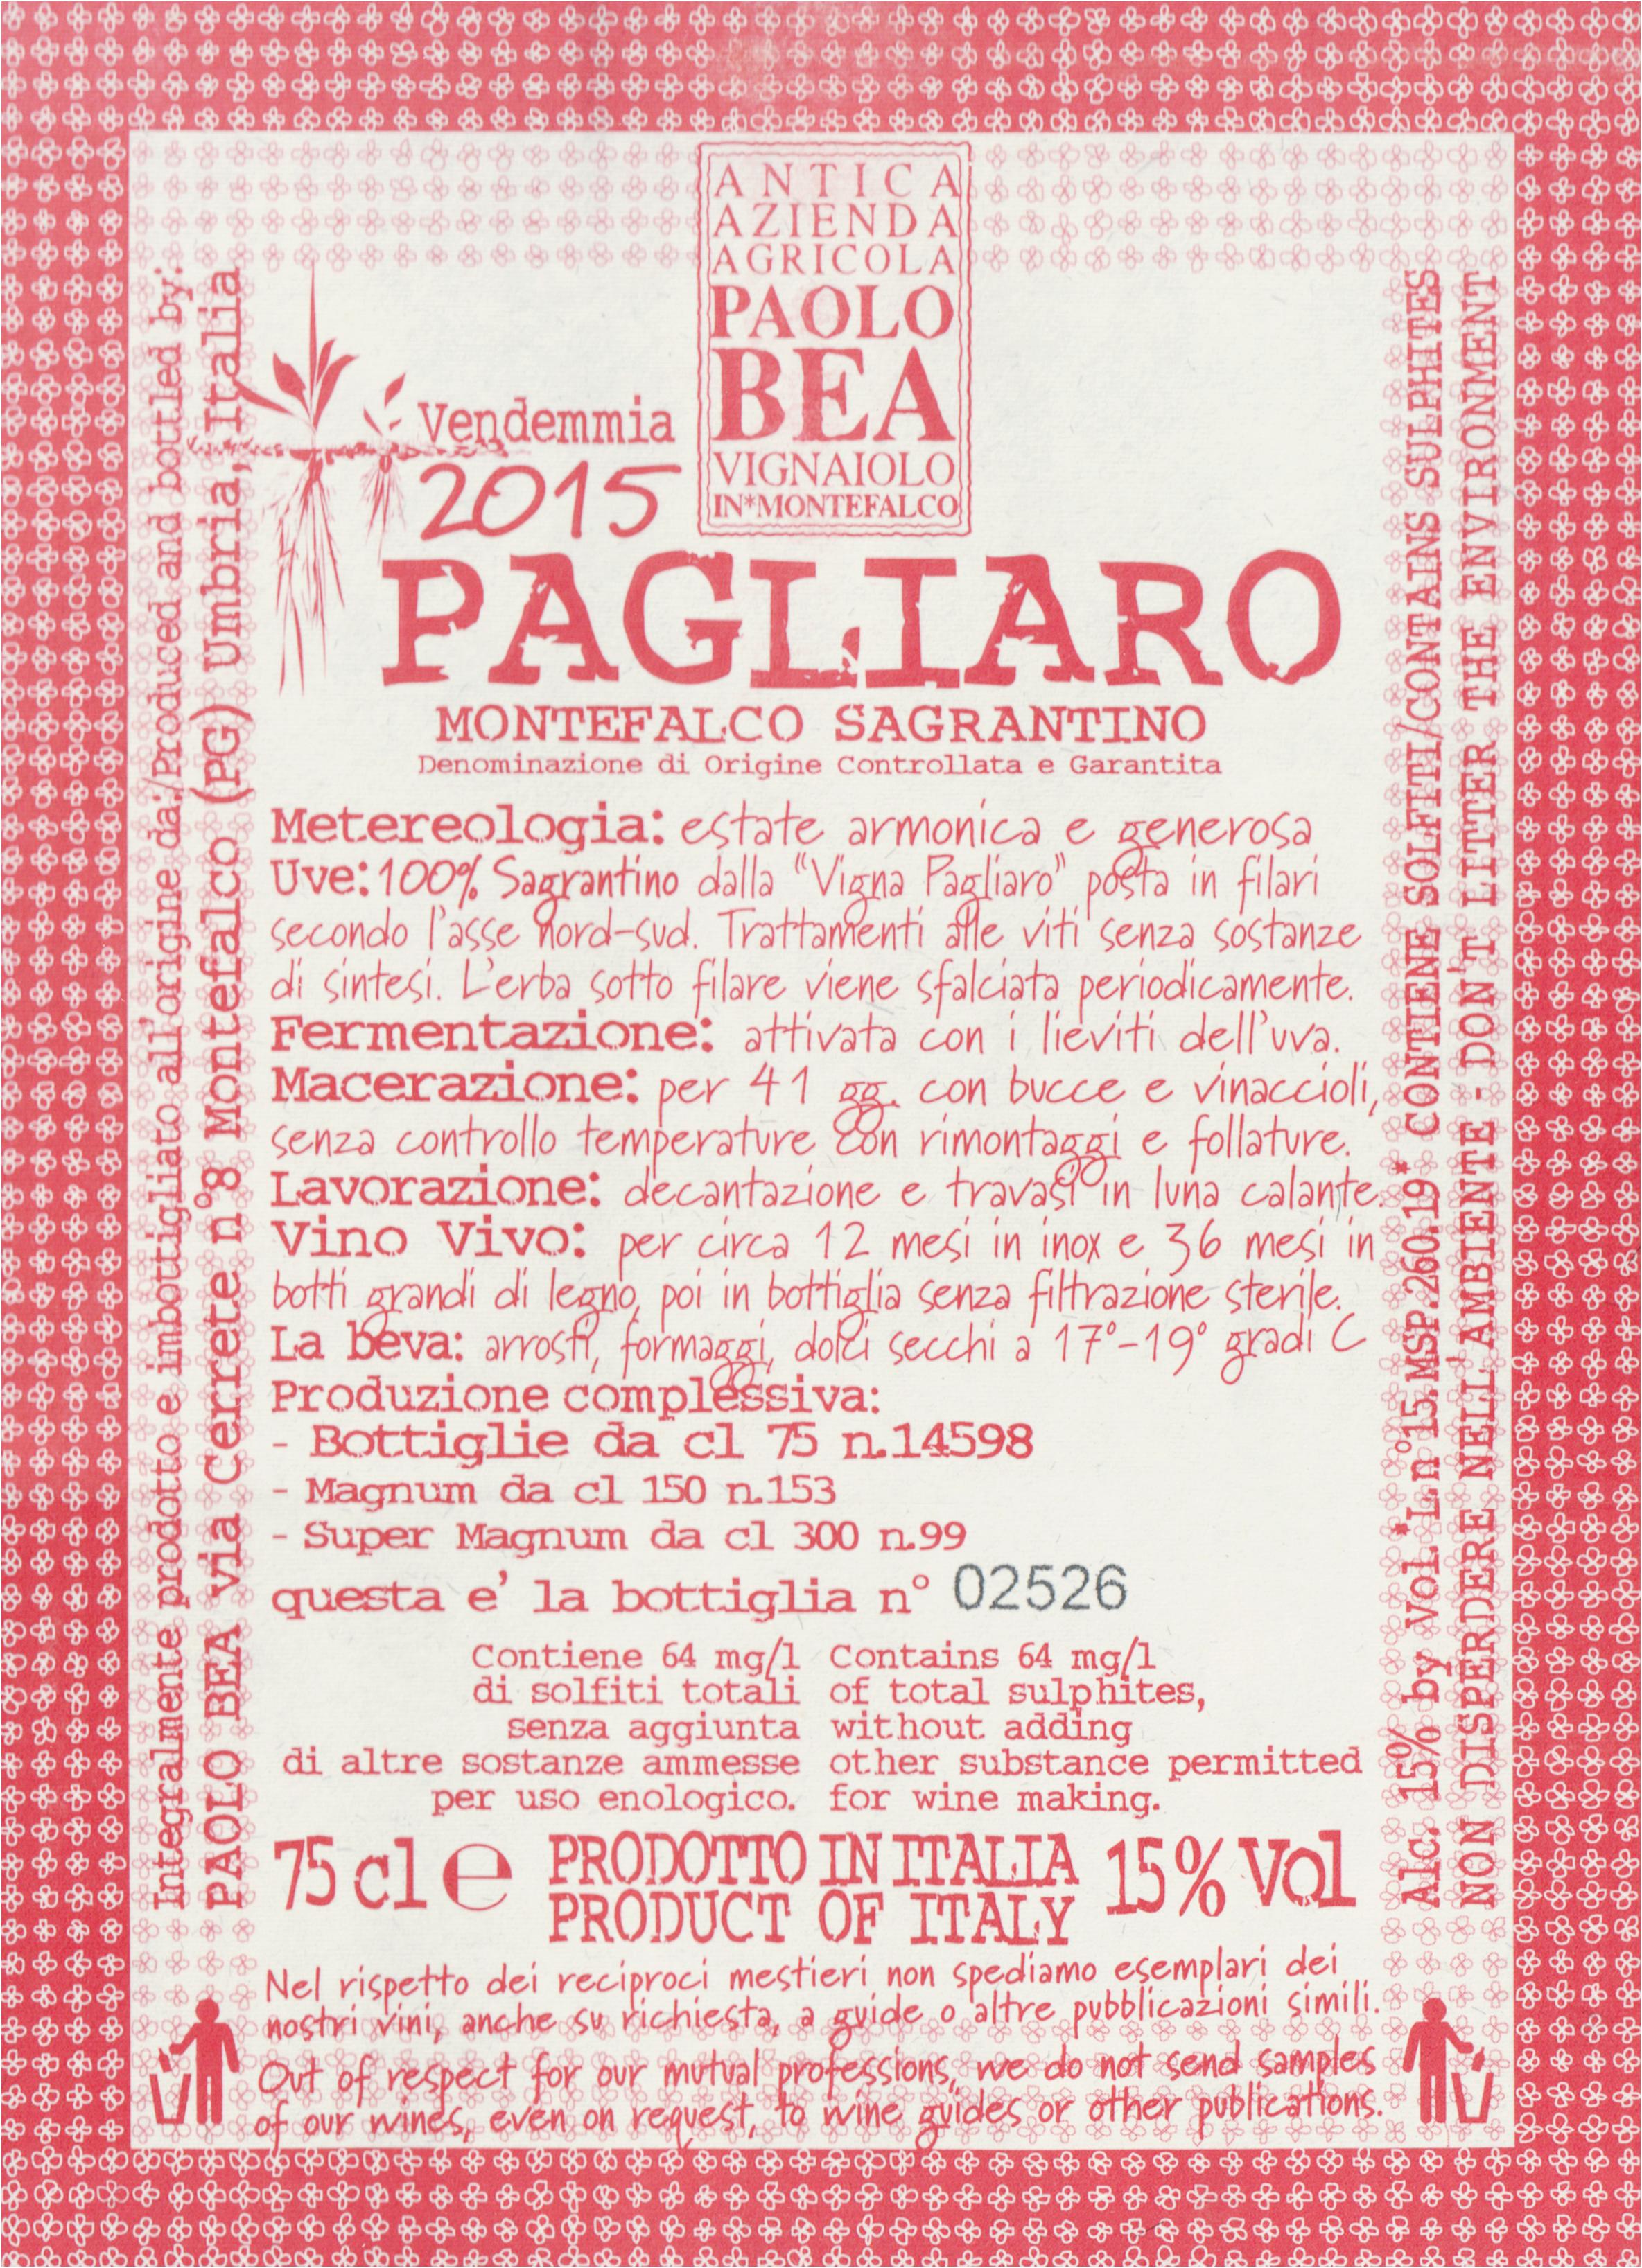 Paolo Bea Sagrantino Di Montefalco Pagliaro 2015